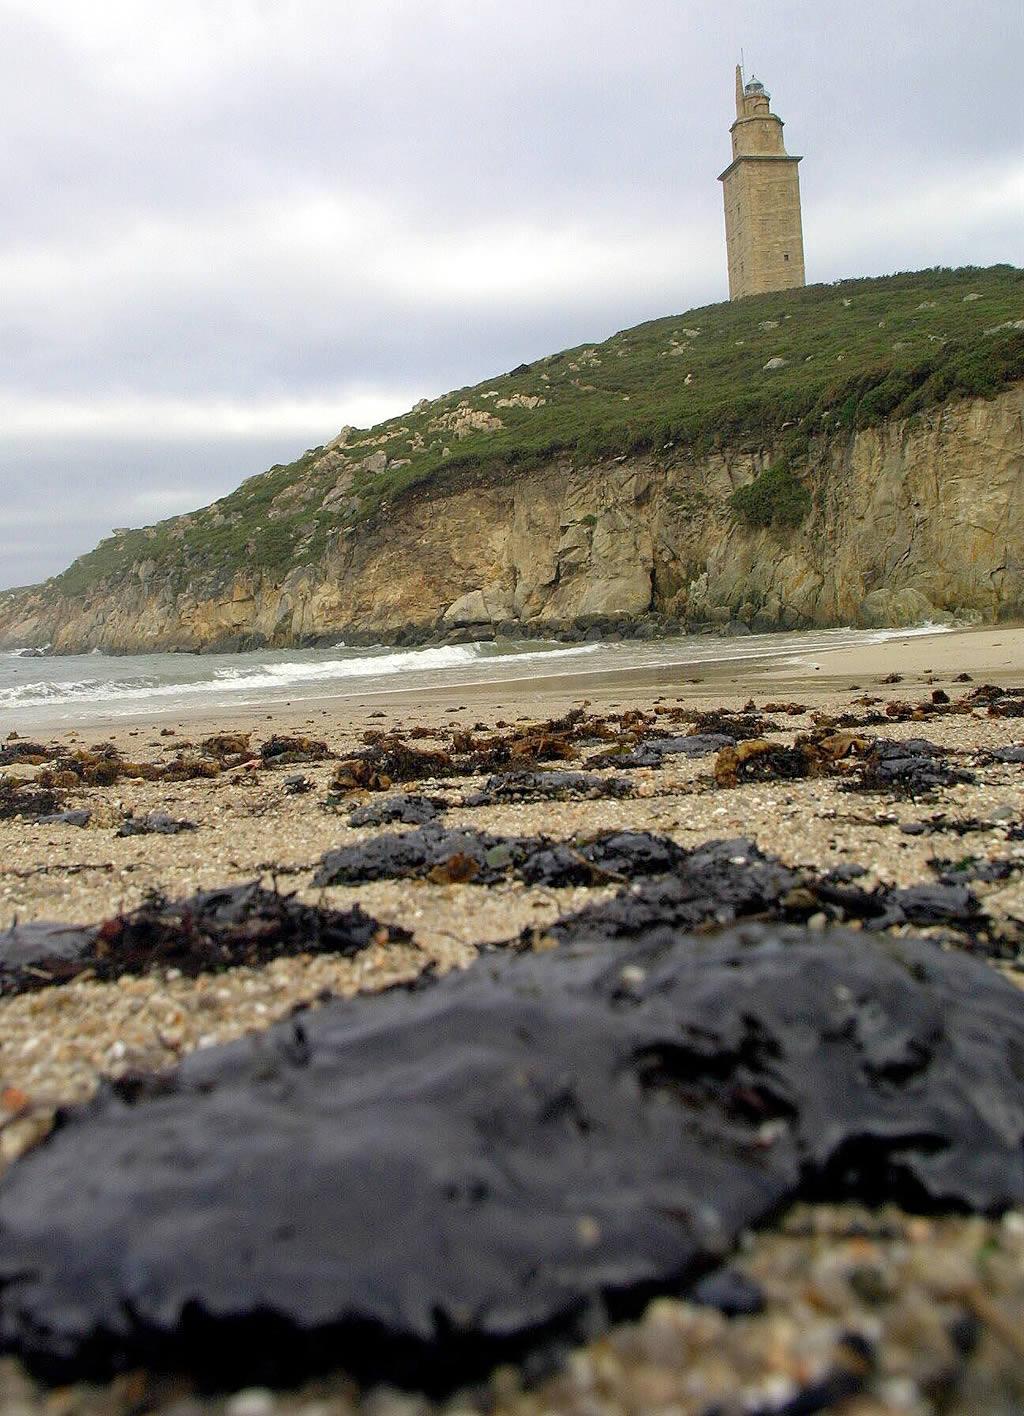 Galletas de fuel en las playas de A Coruña <br>César Quian